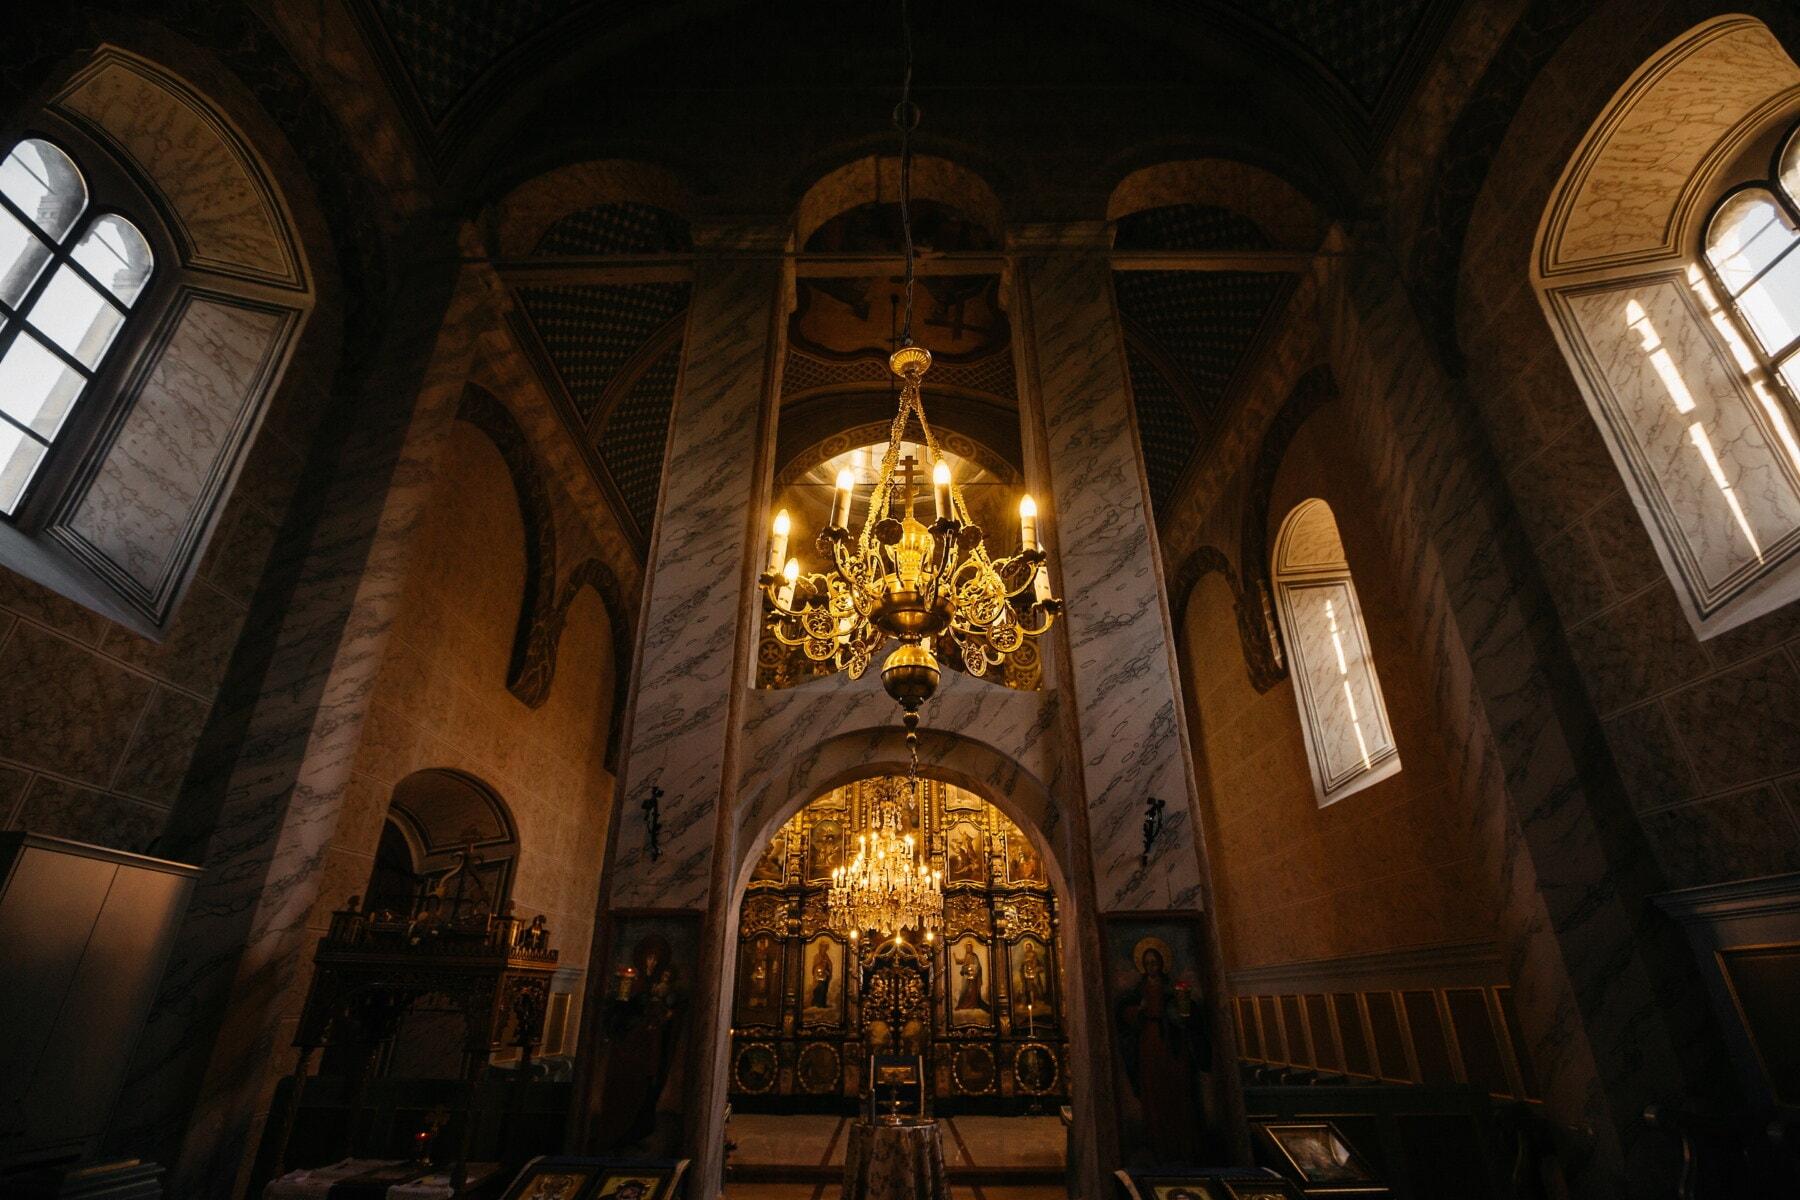 Kloster, orthodoxe, Innendekoration, Altar, geistigkeit, mittelalterliche, innen, Architektur, Struktur, kathedrale